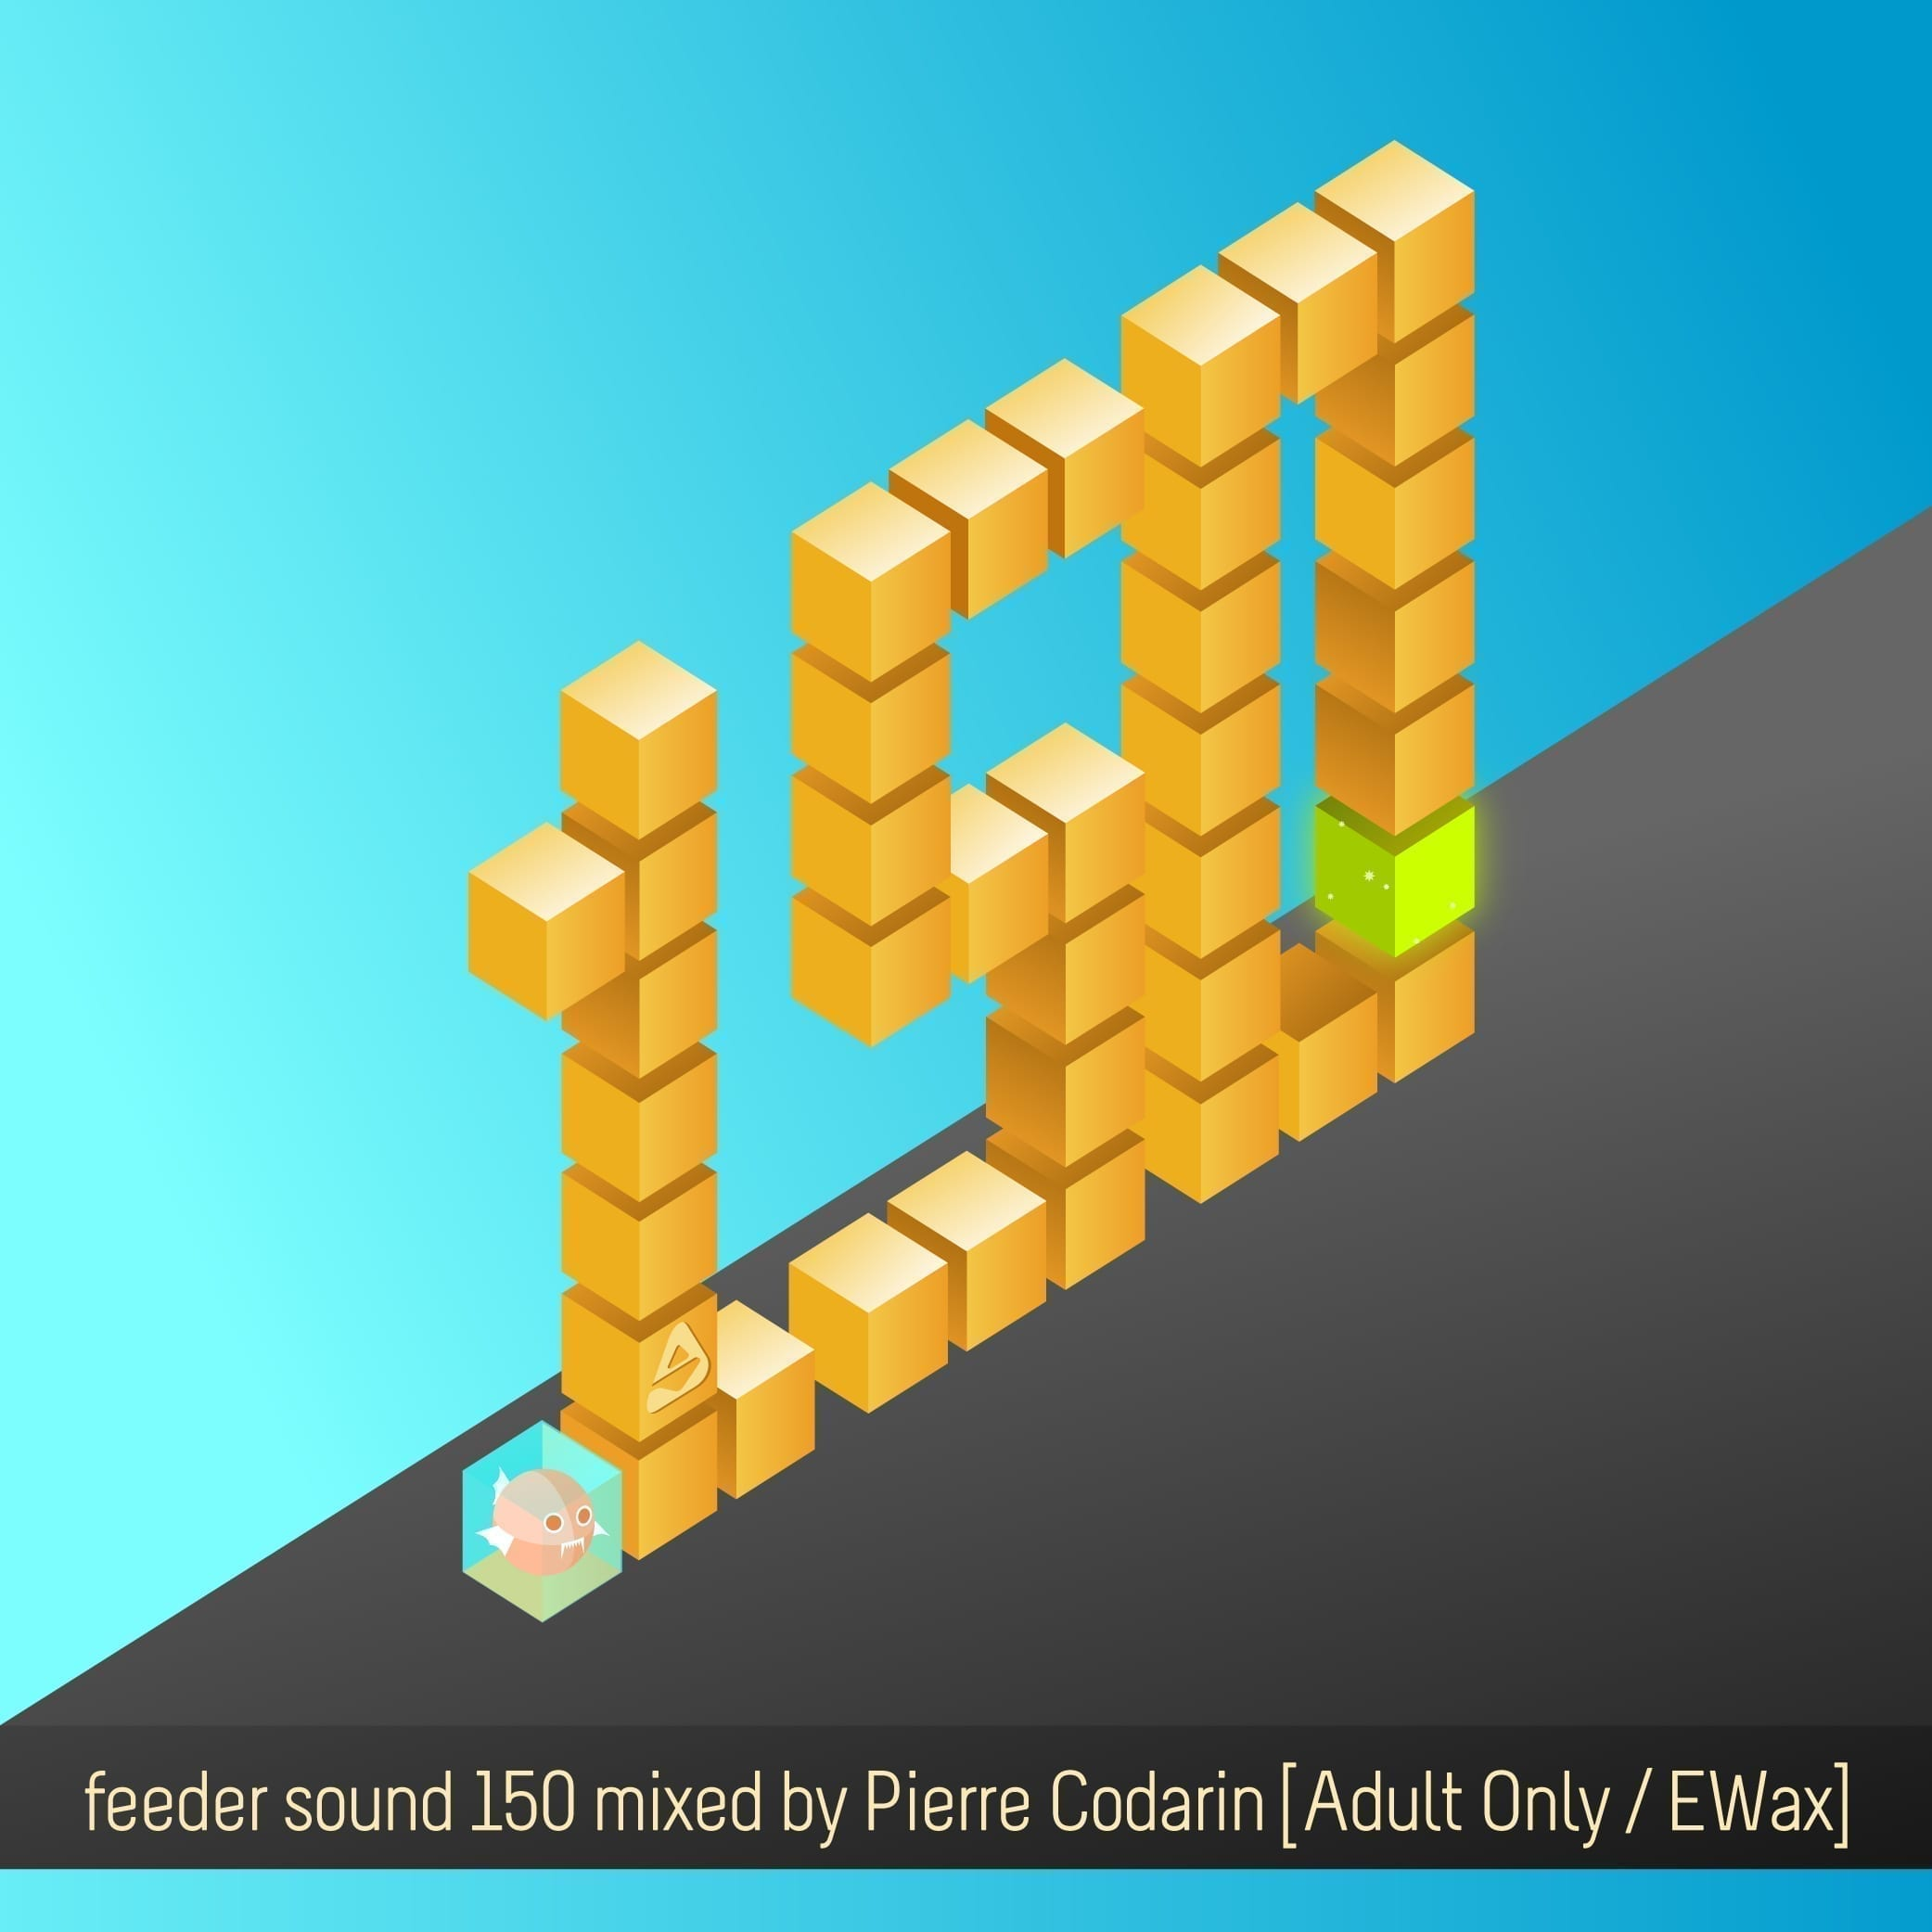 feeder sound 150 mixed by Pierre Codarin